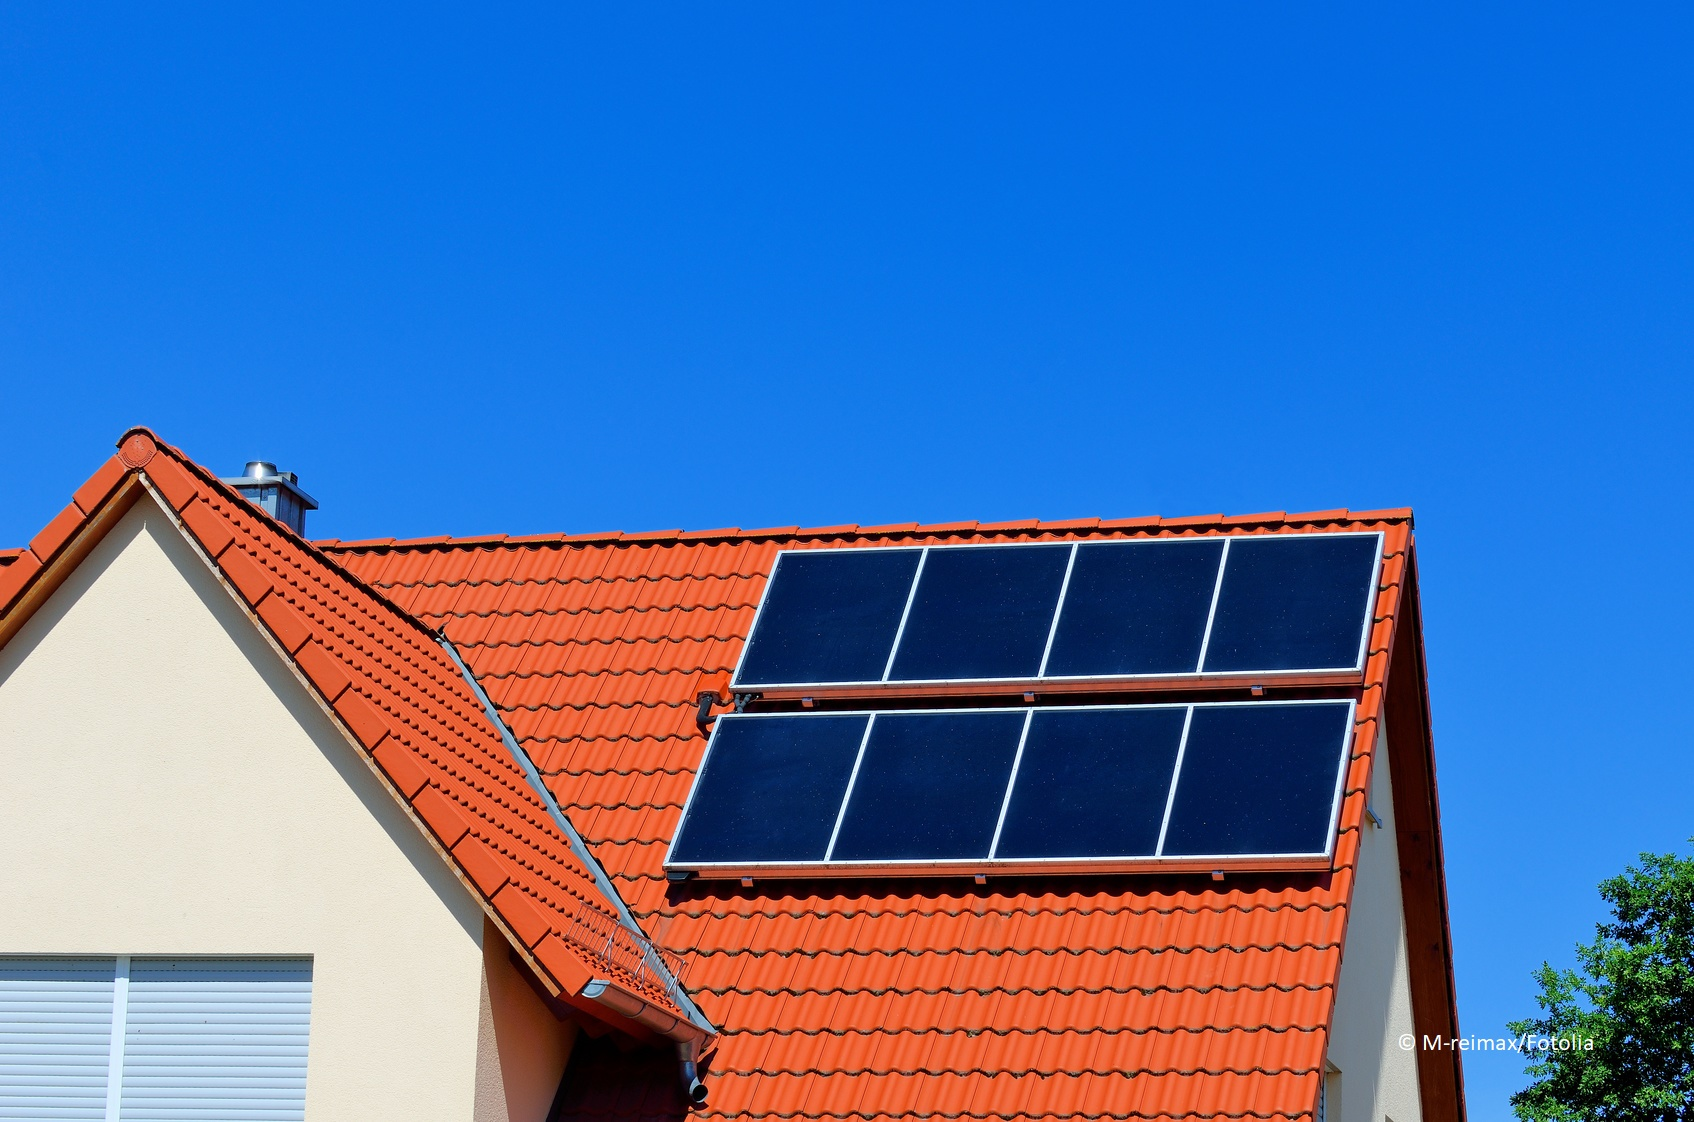 Förderansuchen Solaranlagen